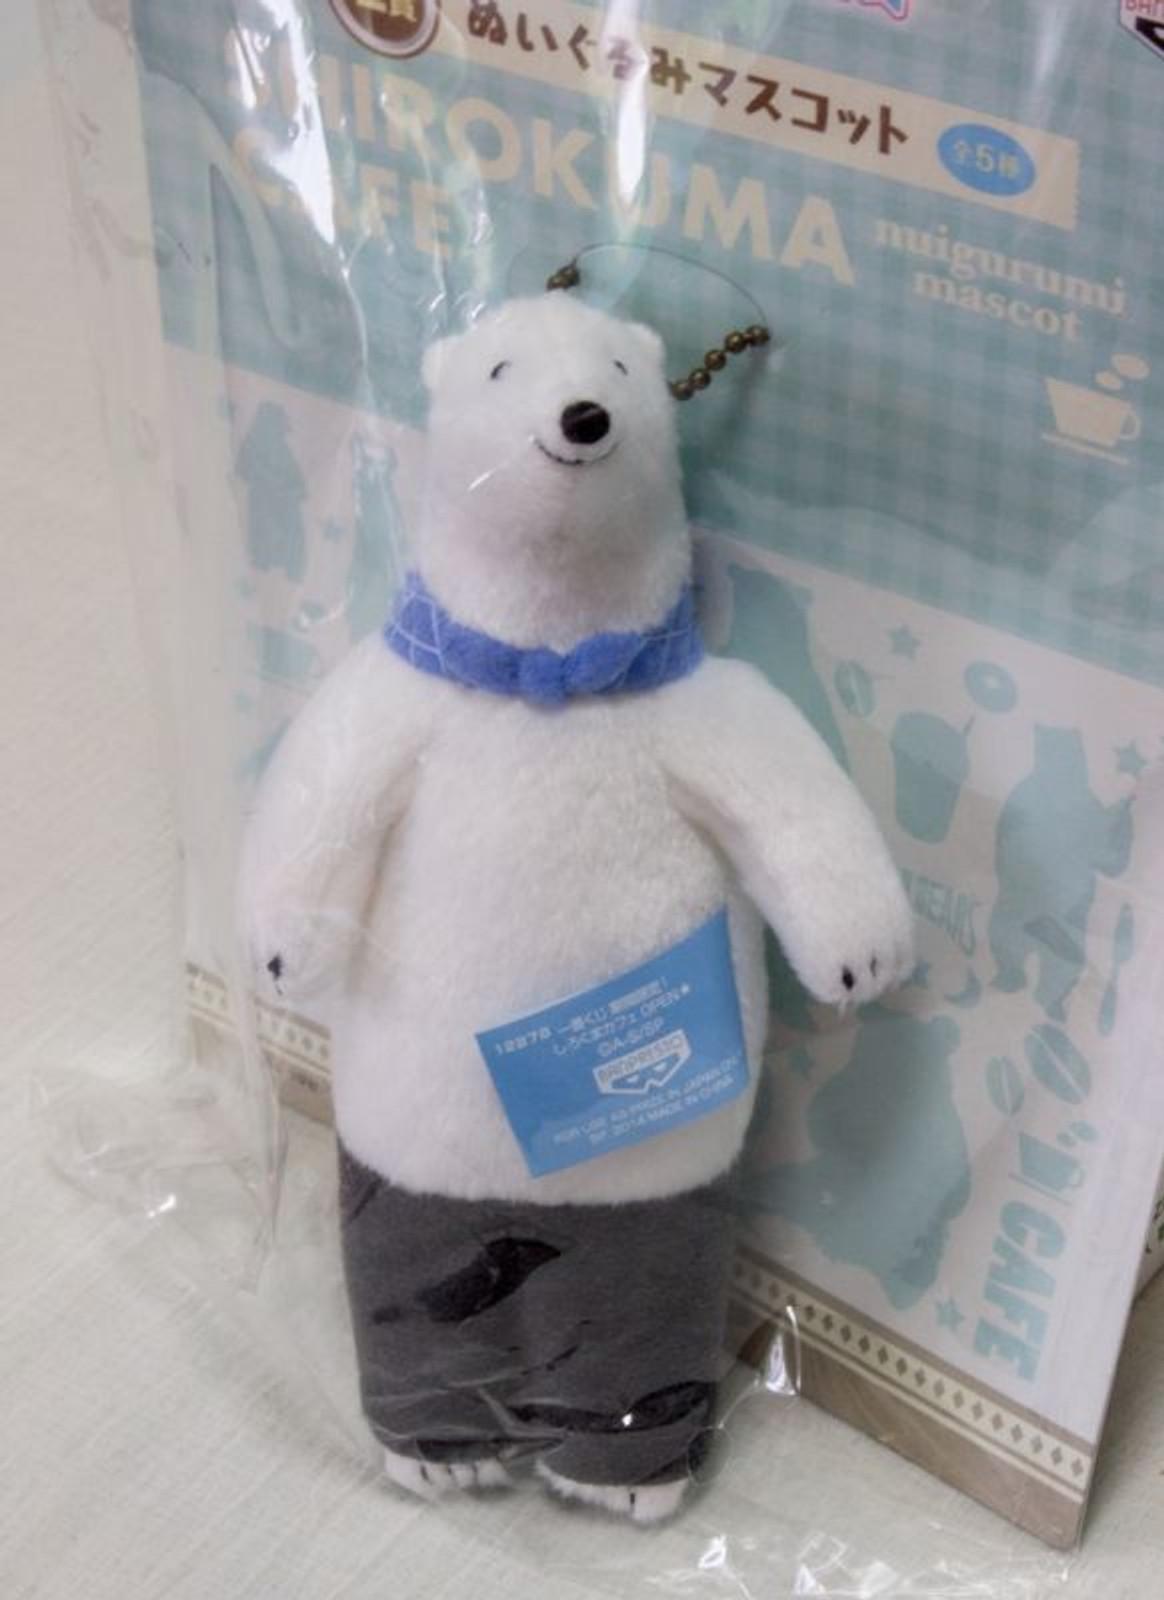 Shirokuma Cafe White Bear Plush Doll Mascot Ball Chain Ichiban Kuji JAPAN ANIME